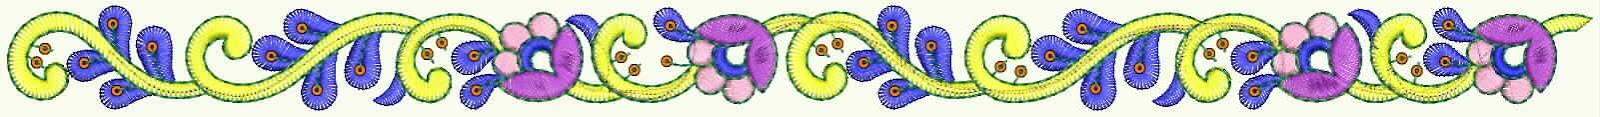 nüchterne floral Figur Stickerei-Designer Spitzen Grenze für Top und Tuniken